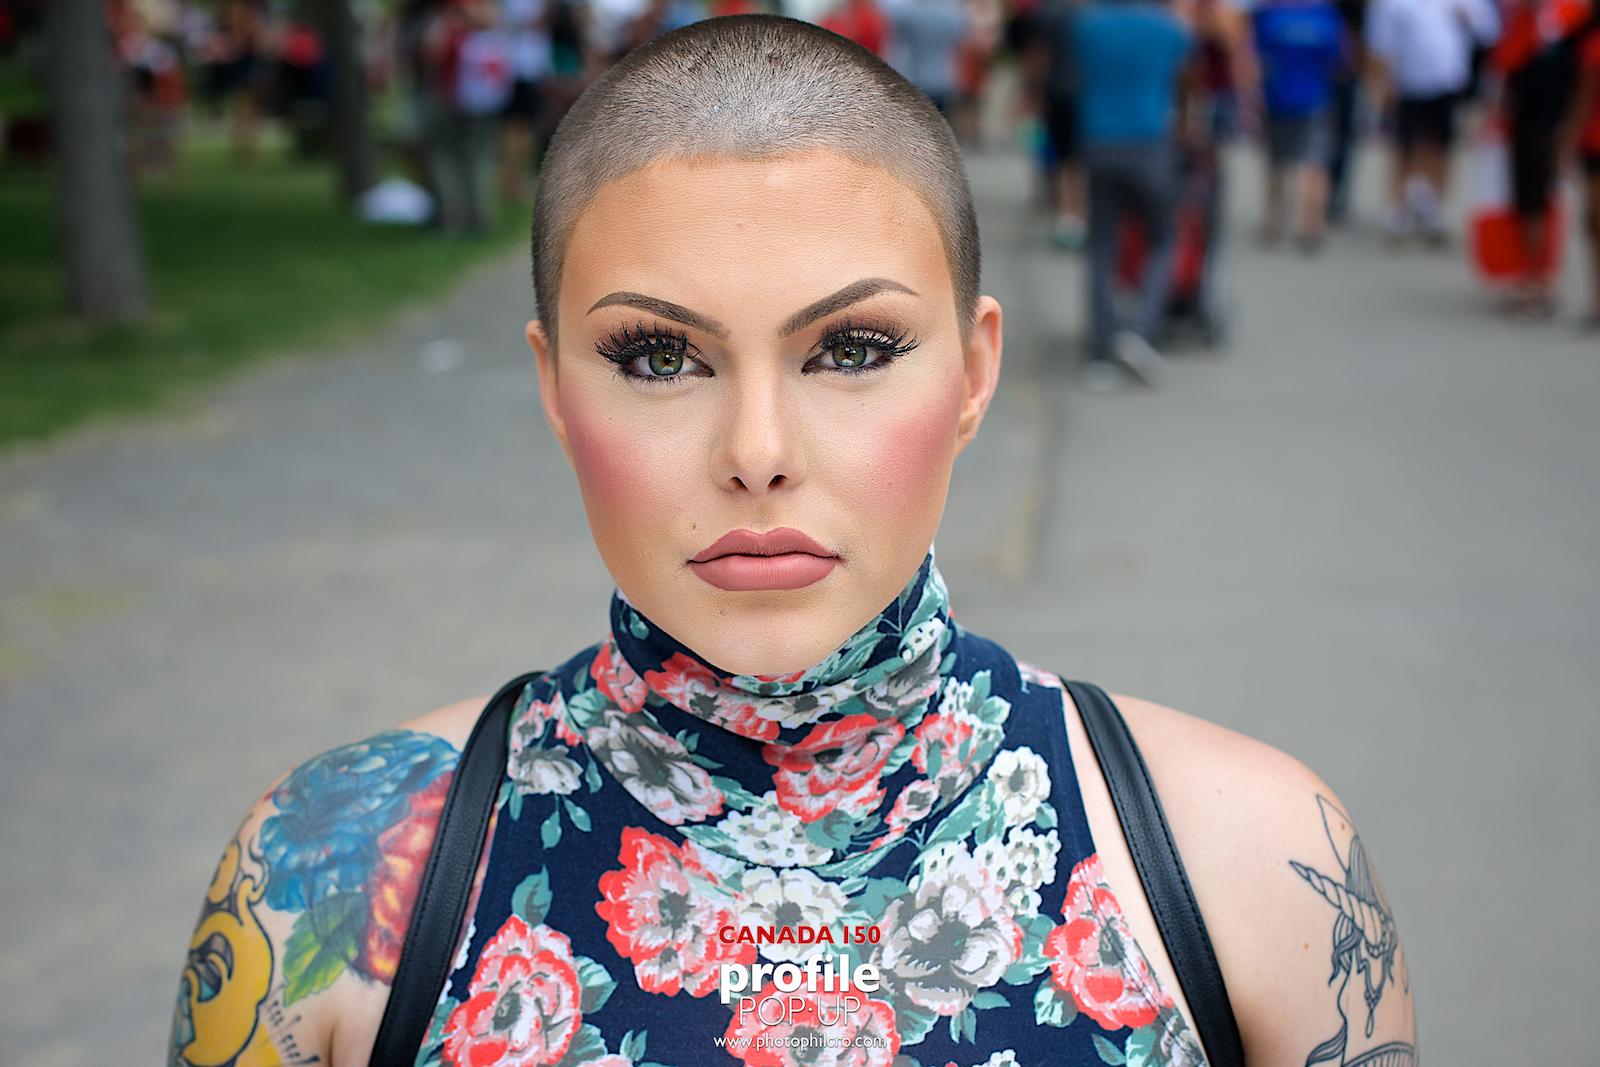 ProfilePopup_Canada150_Facebook 011.jpg